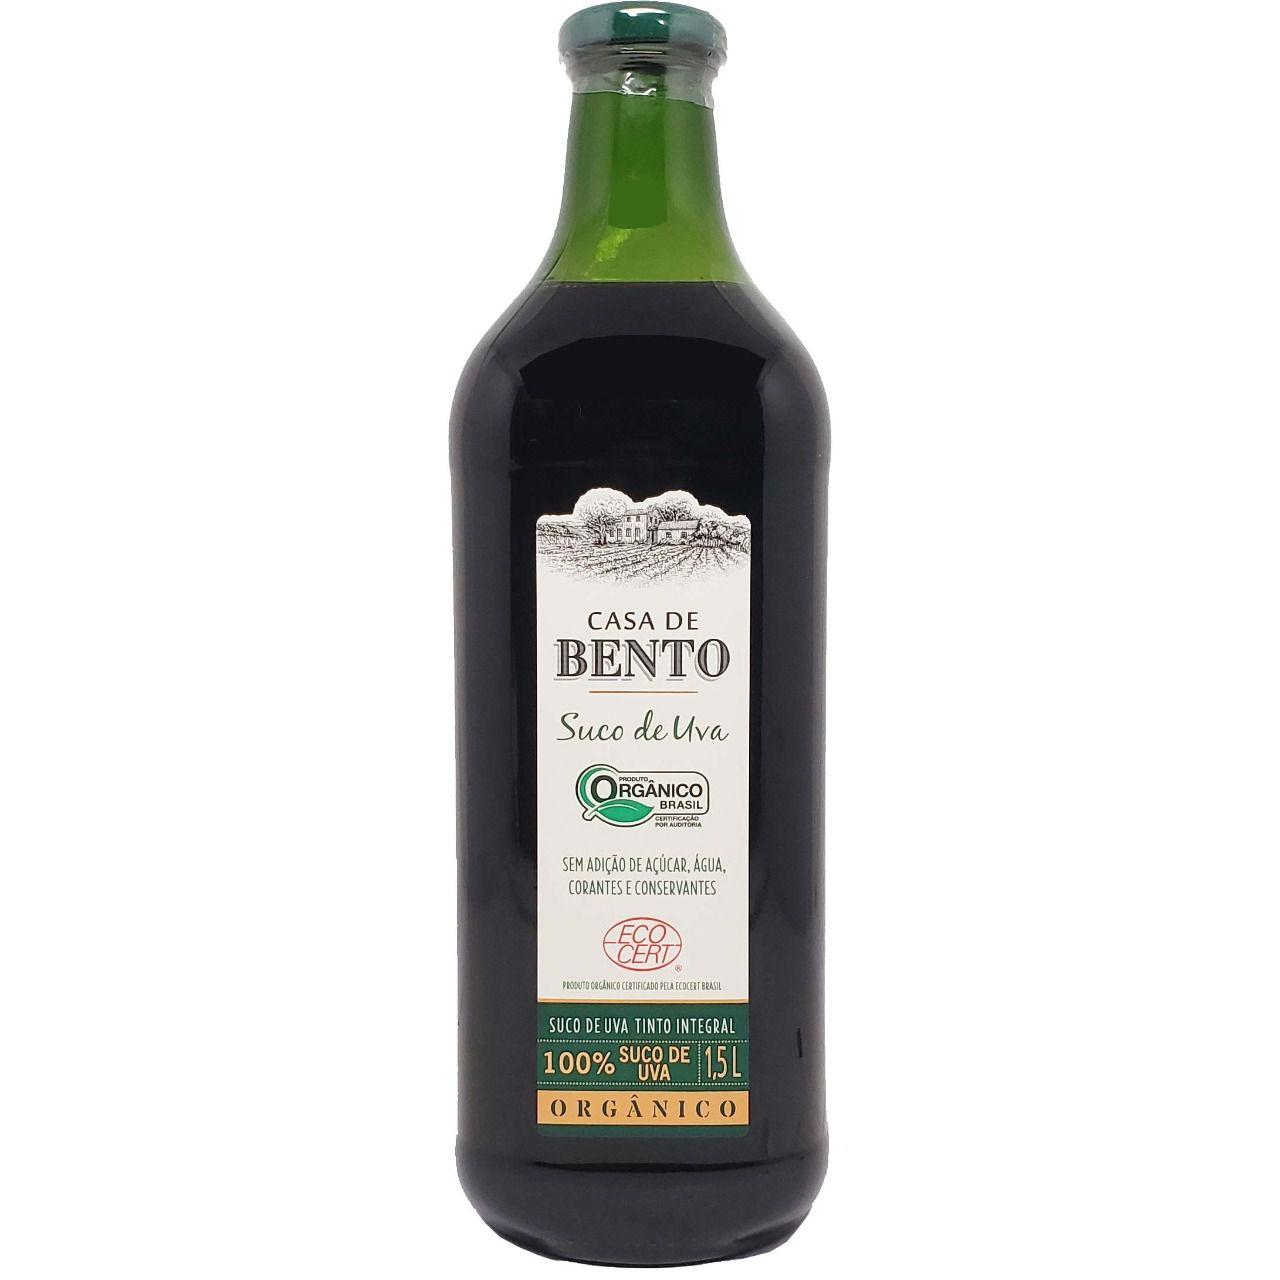 Suco de Uva Tinto Integral Orgânico Casa de Bento - 1,5L -